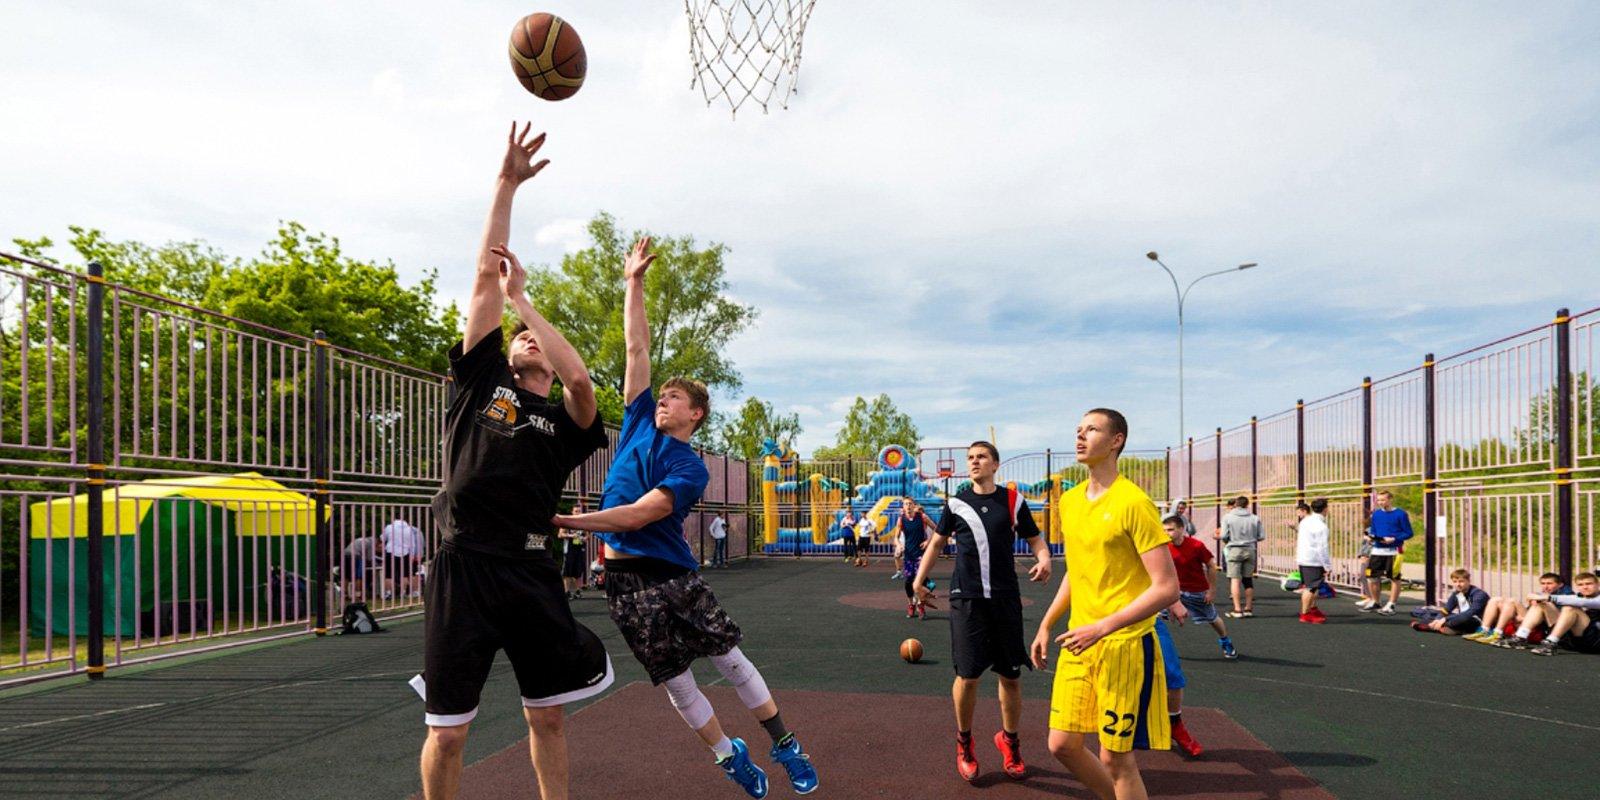 К участию допустят подростков в возрастной категории от 14 до 17 лет. Фото: сайт мэра Москвы